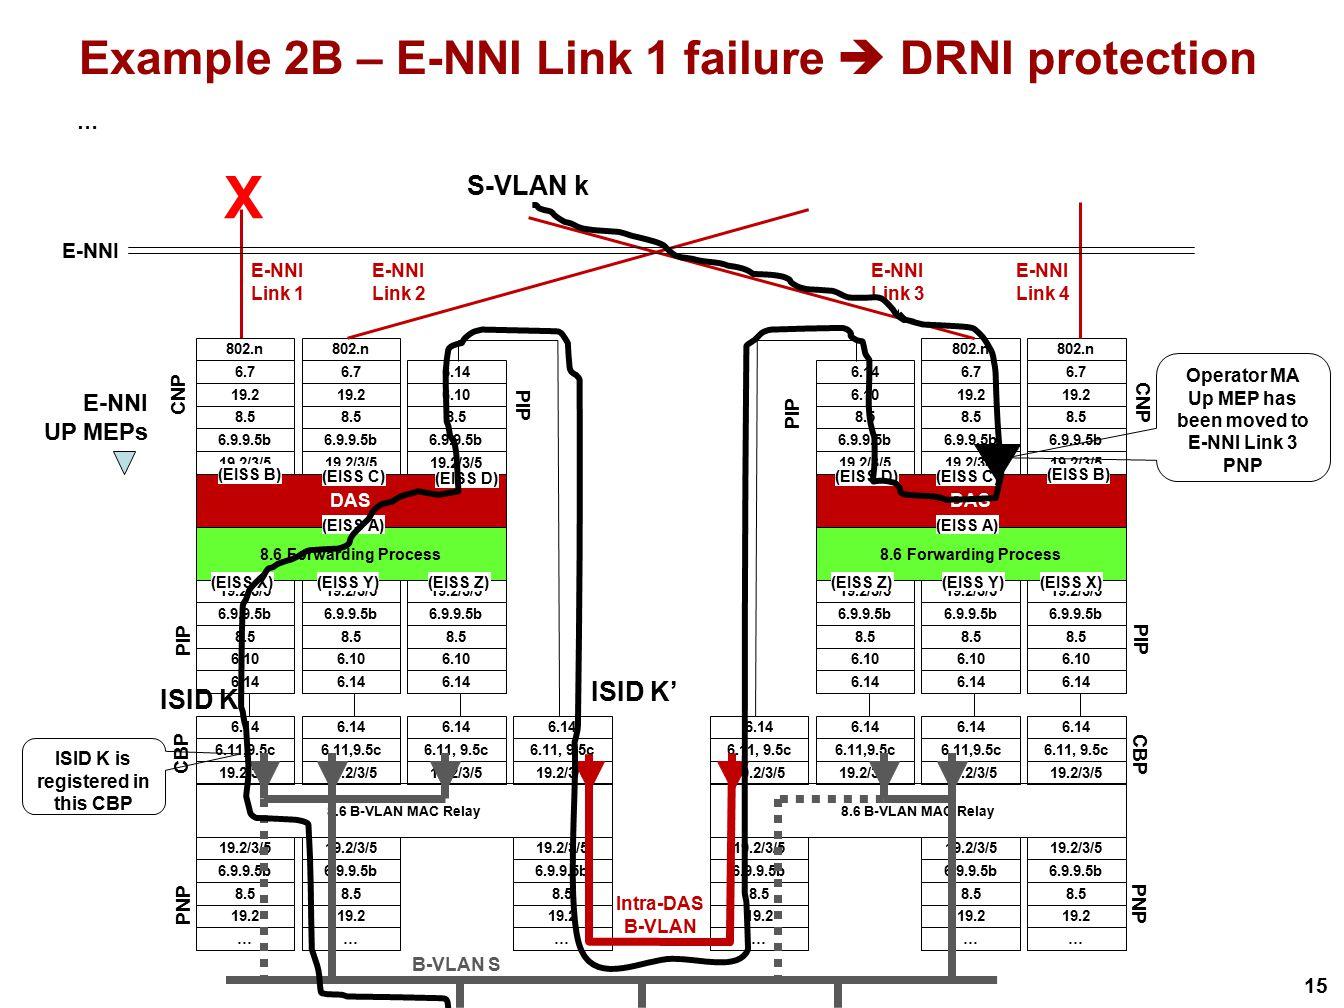 Example 2B – E-NNI Link 1 failure  DRNI protection